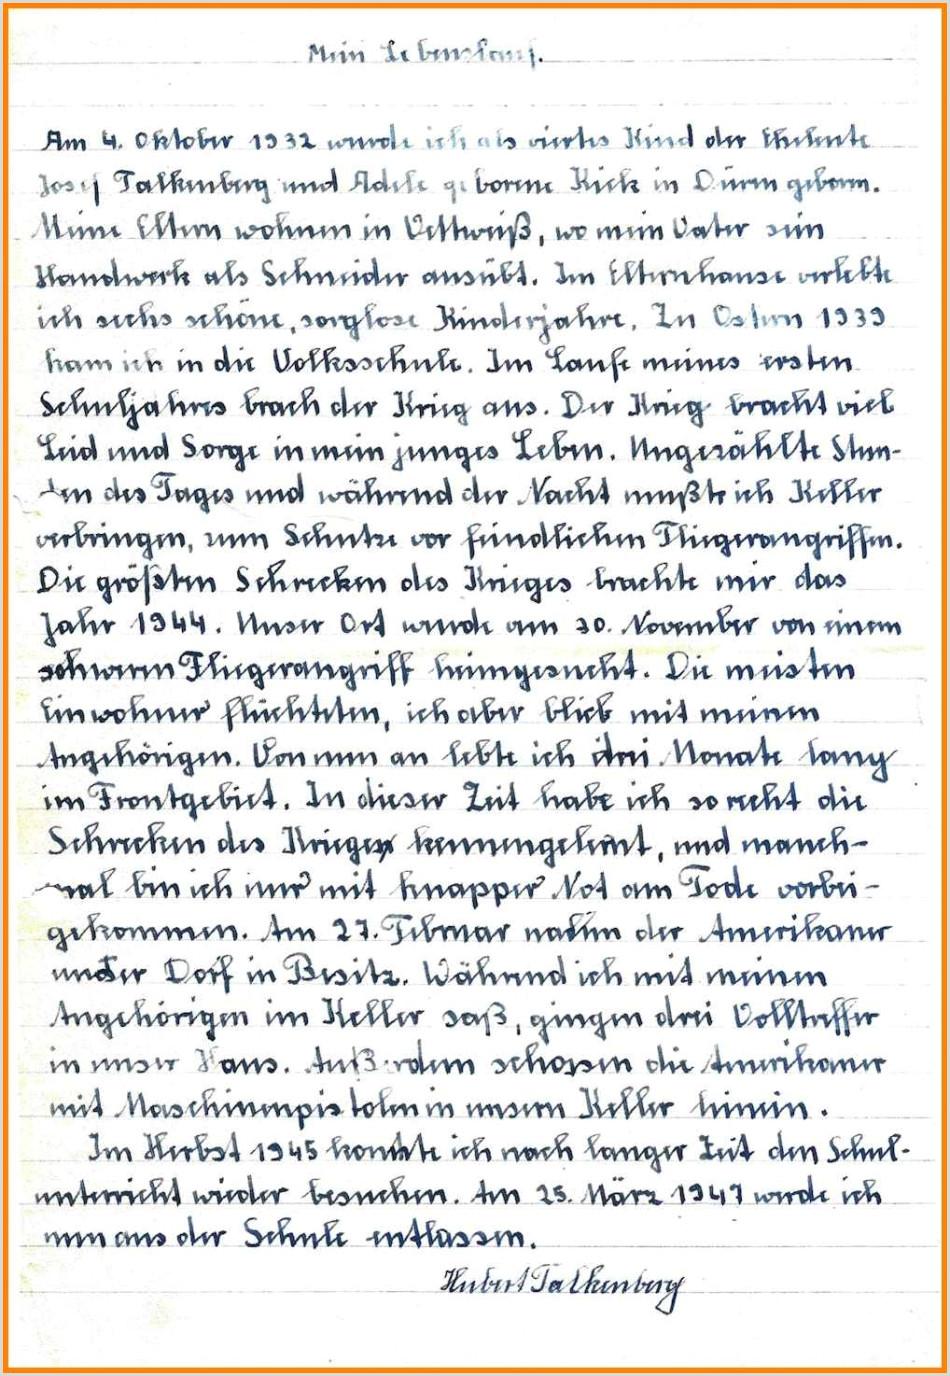 Lebenslauf Muster Für Studium 15 Handgeschriebener Lebenslauf Muster